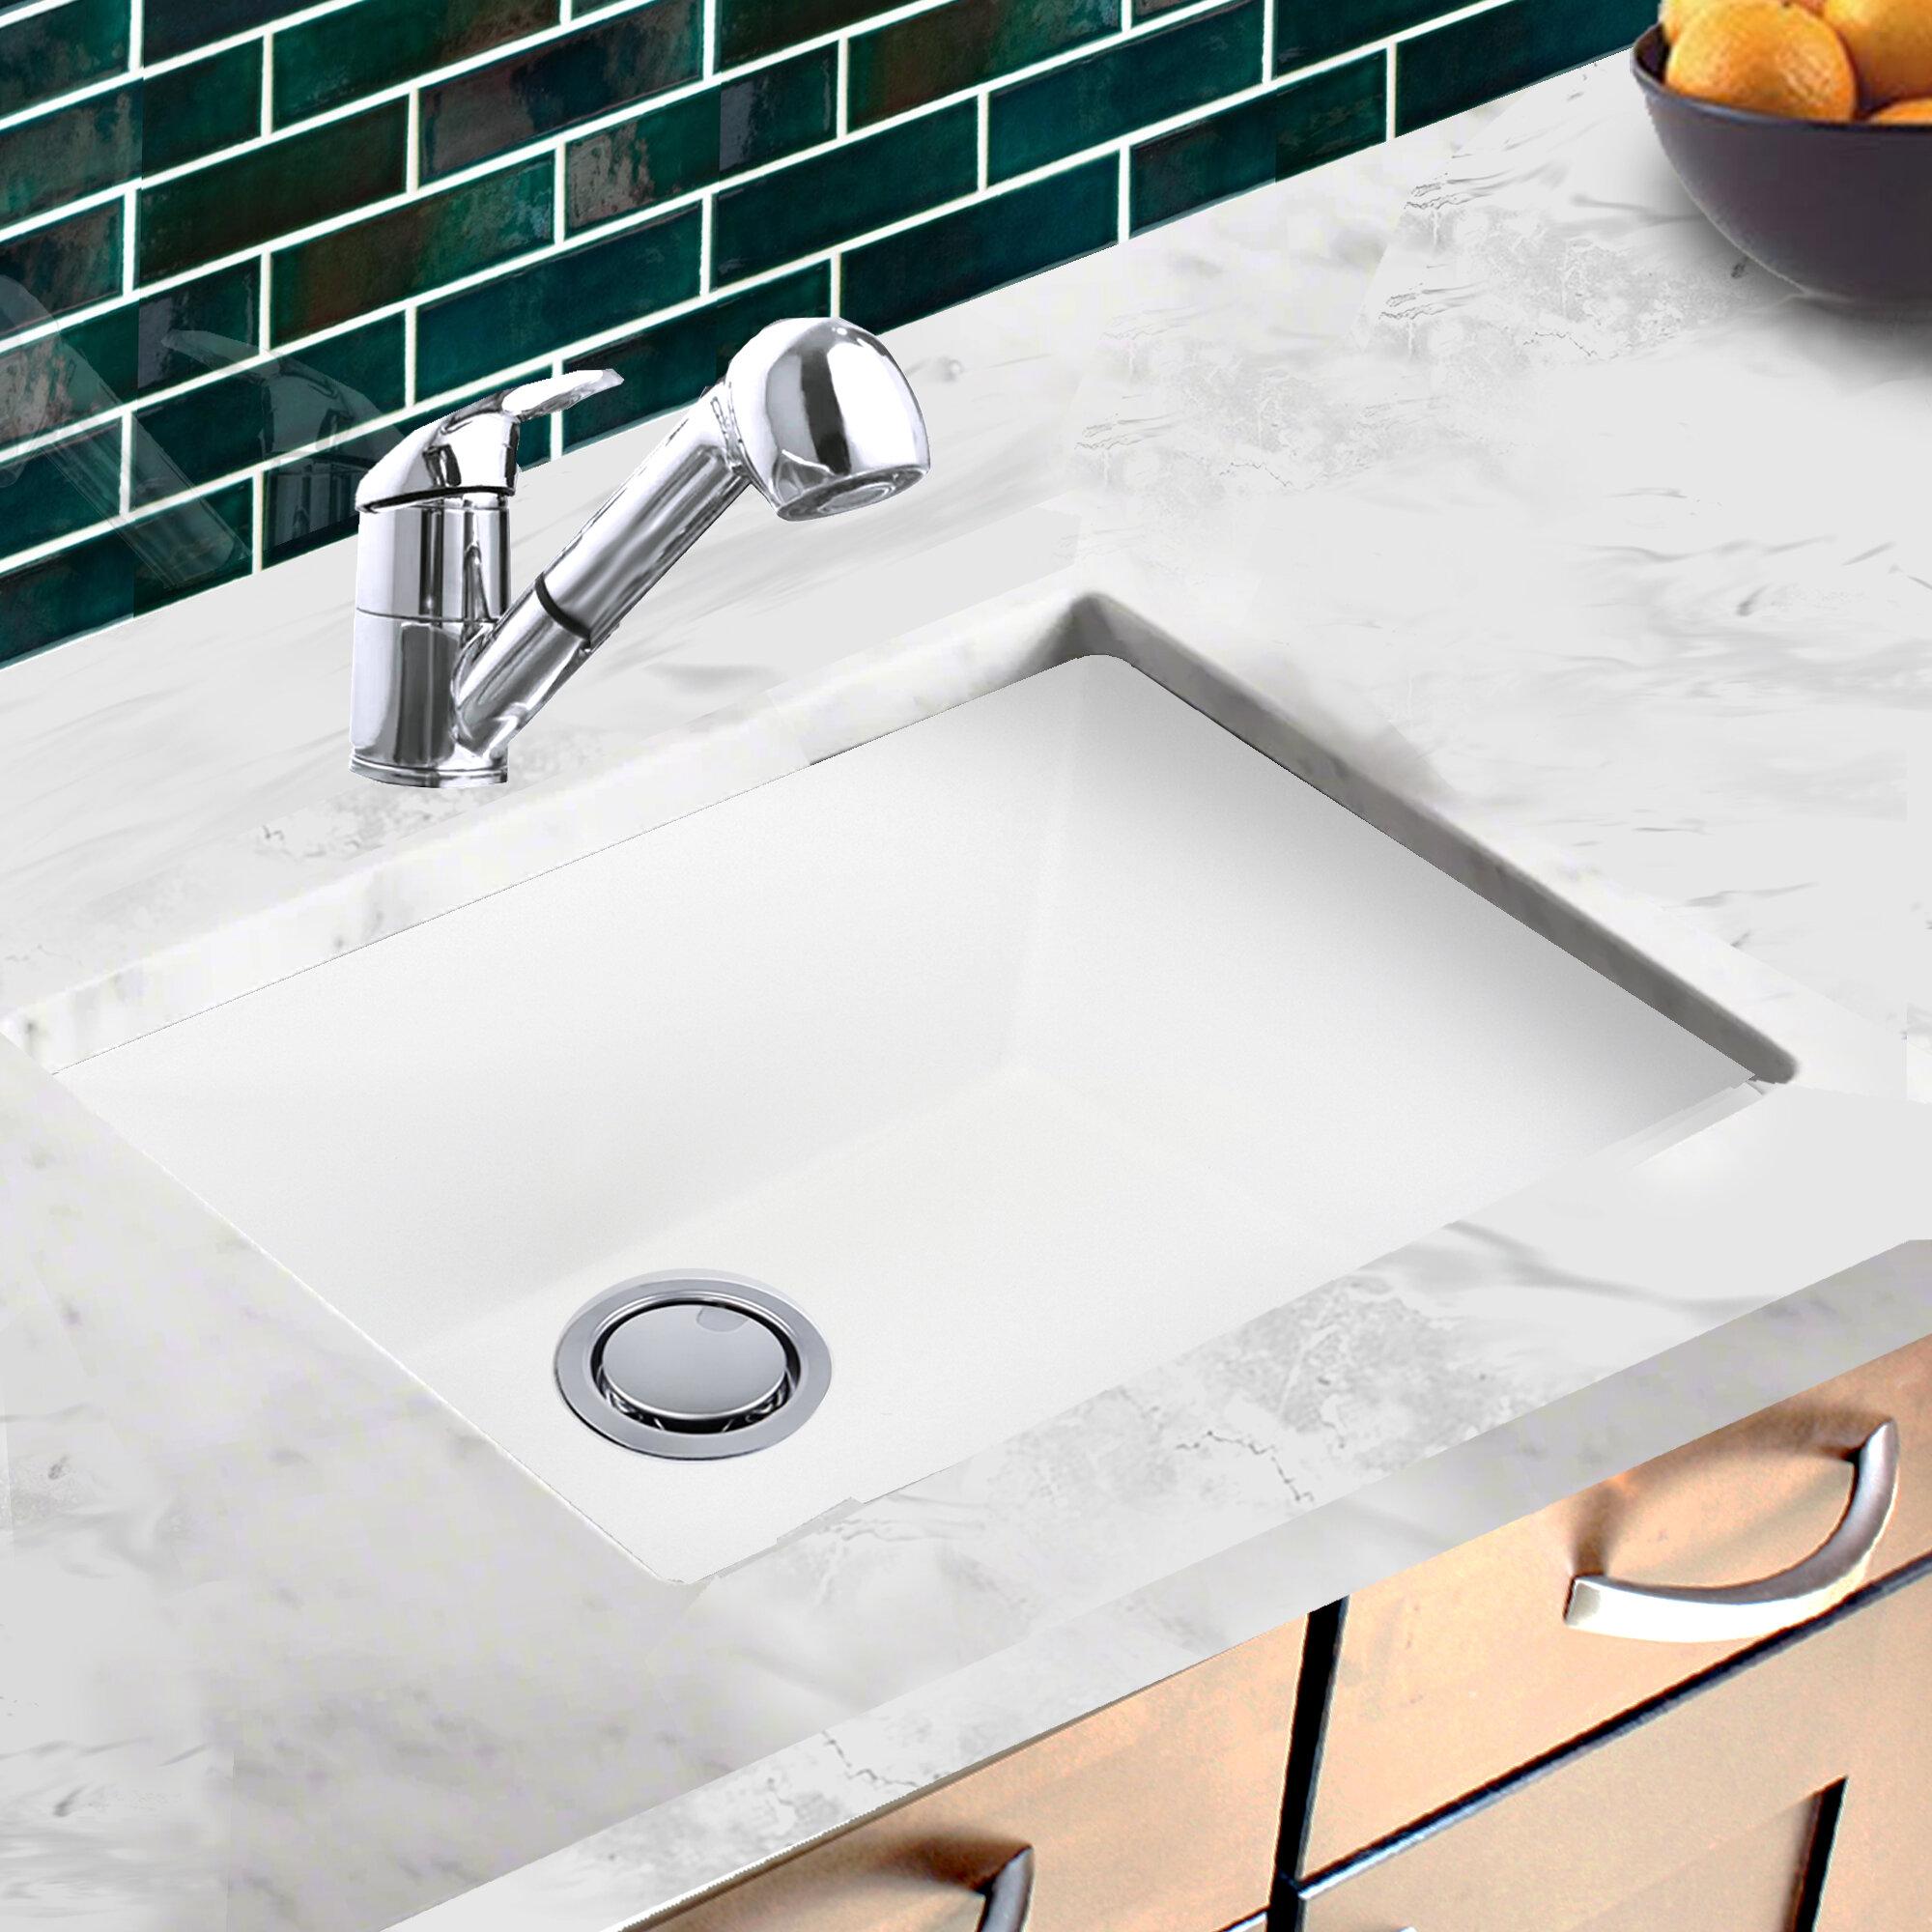 Wfpc09172018 24 x 18 undermount kitchen sink